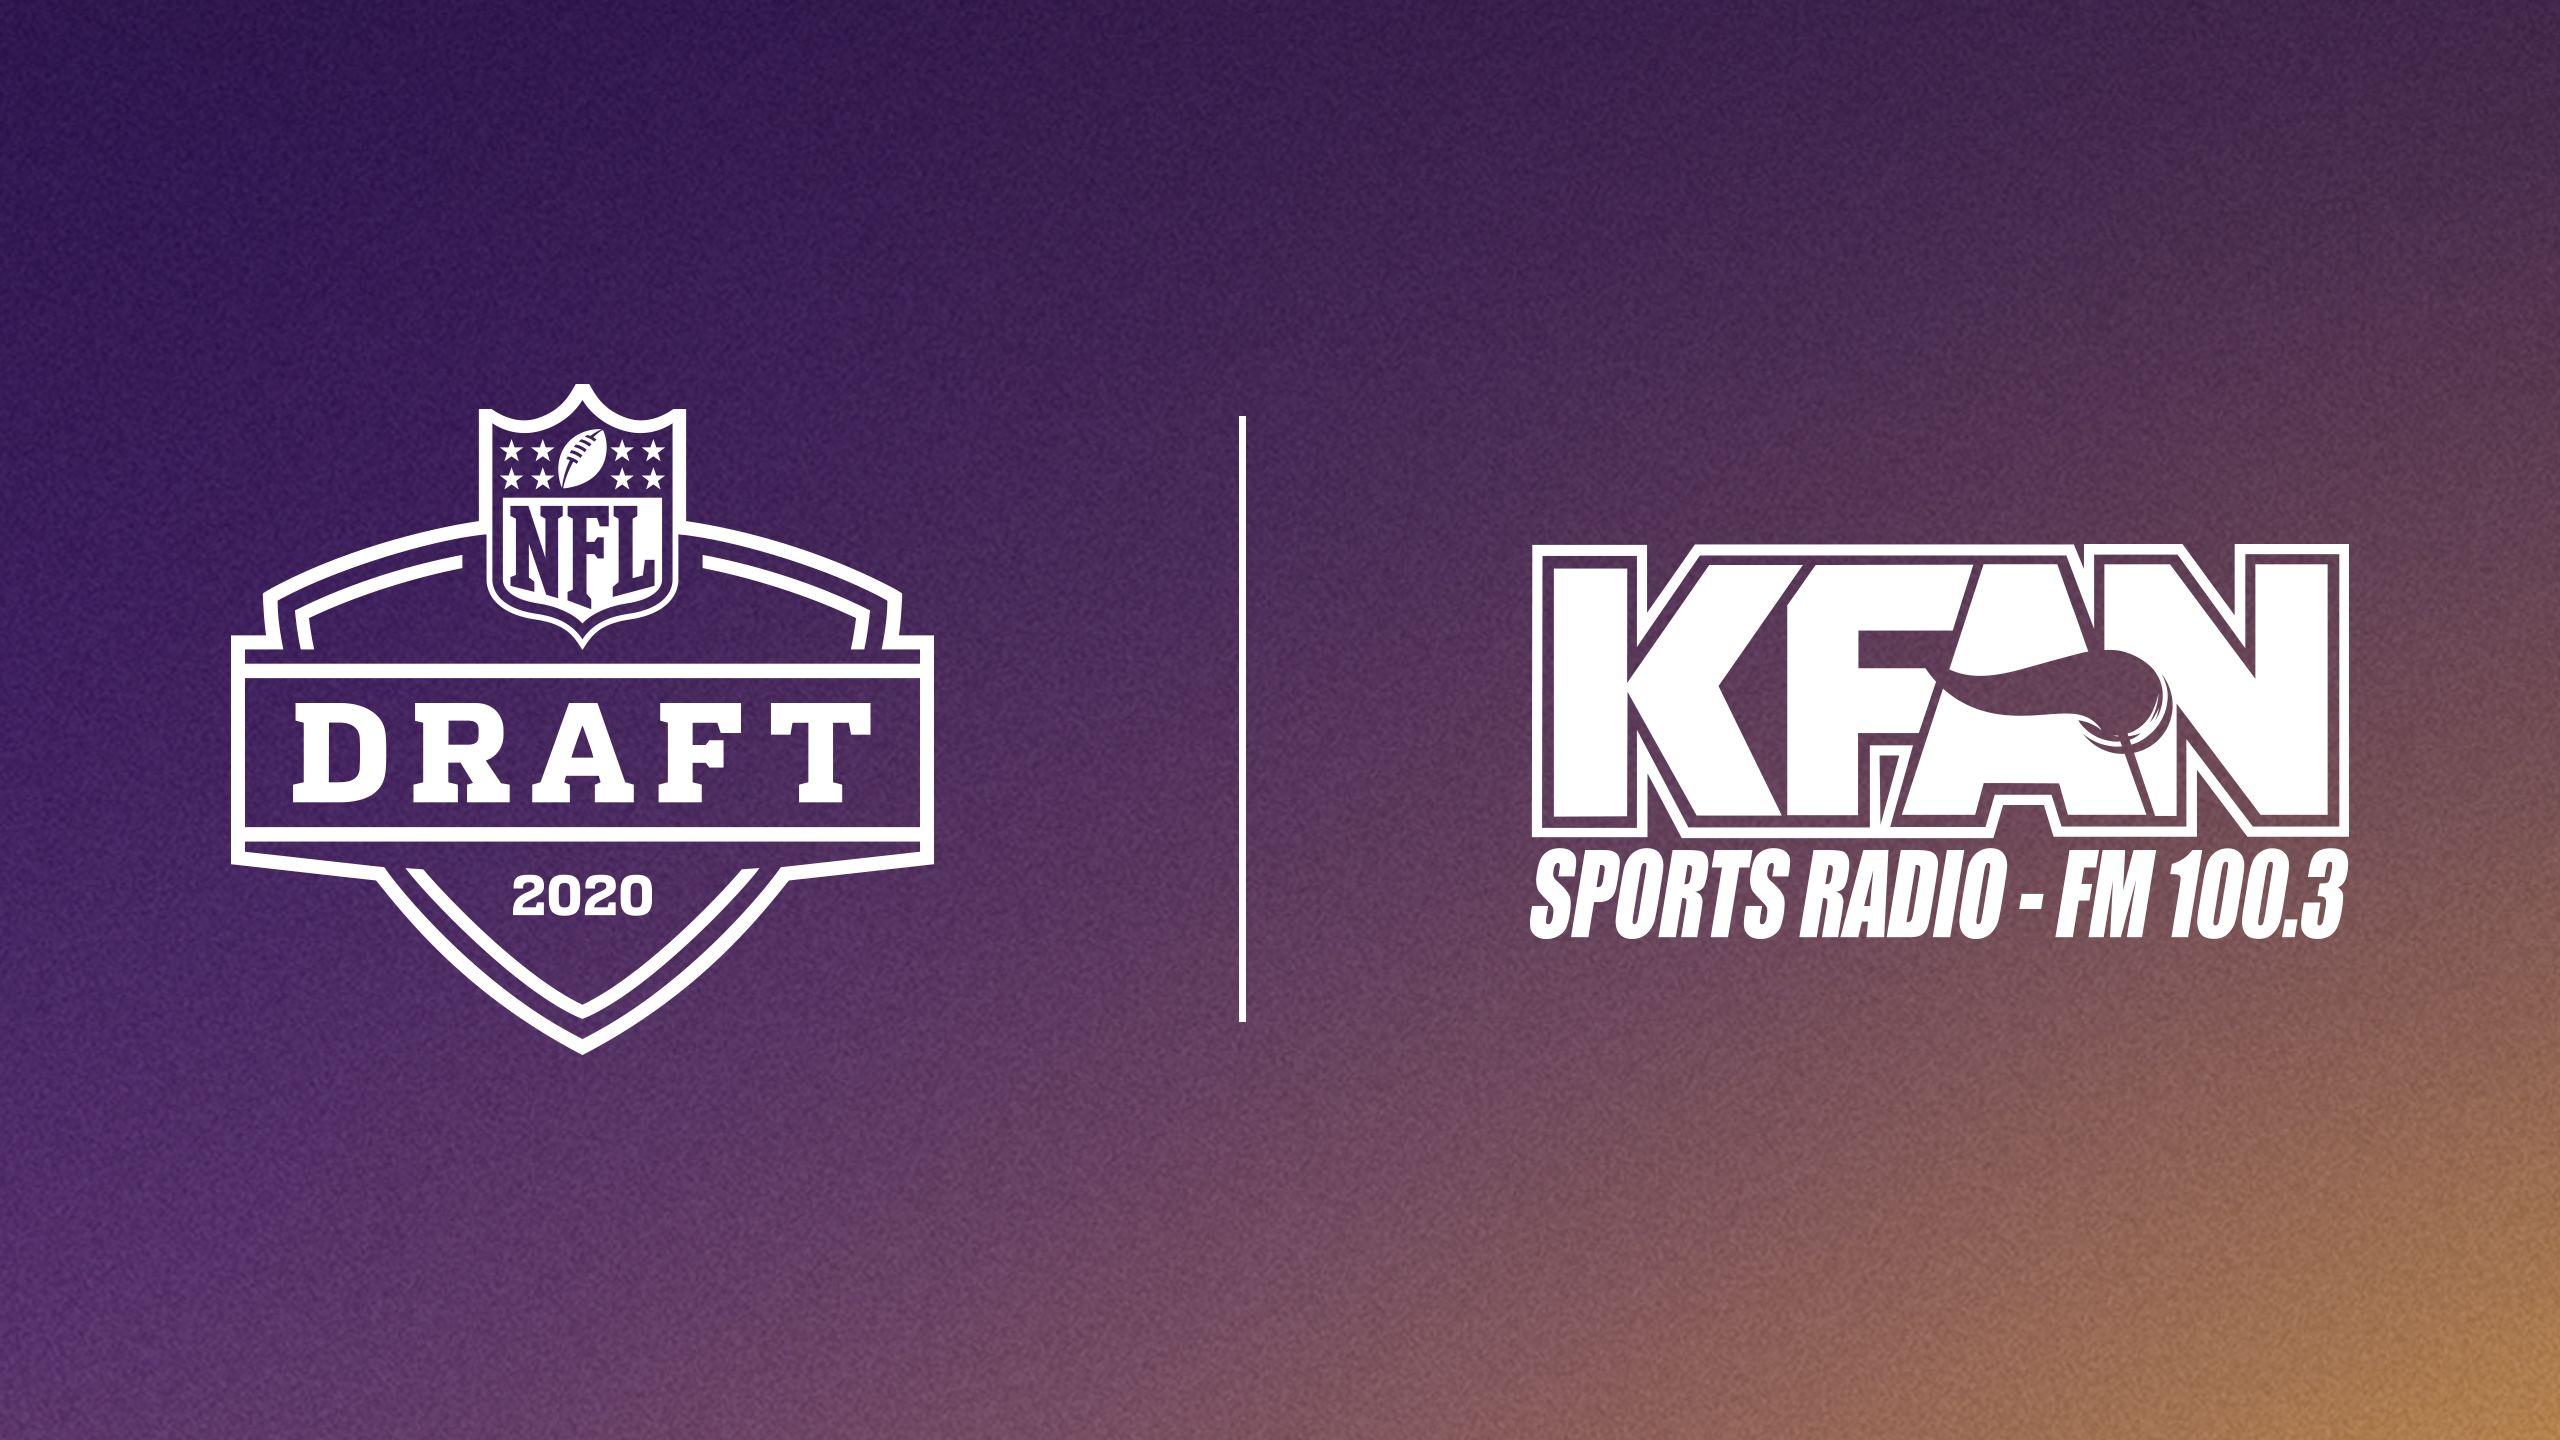 Vikings Draft Show on KFAN FM 100.3